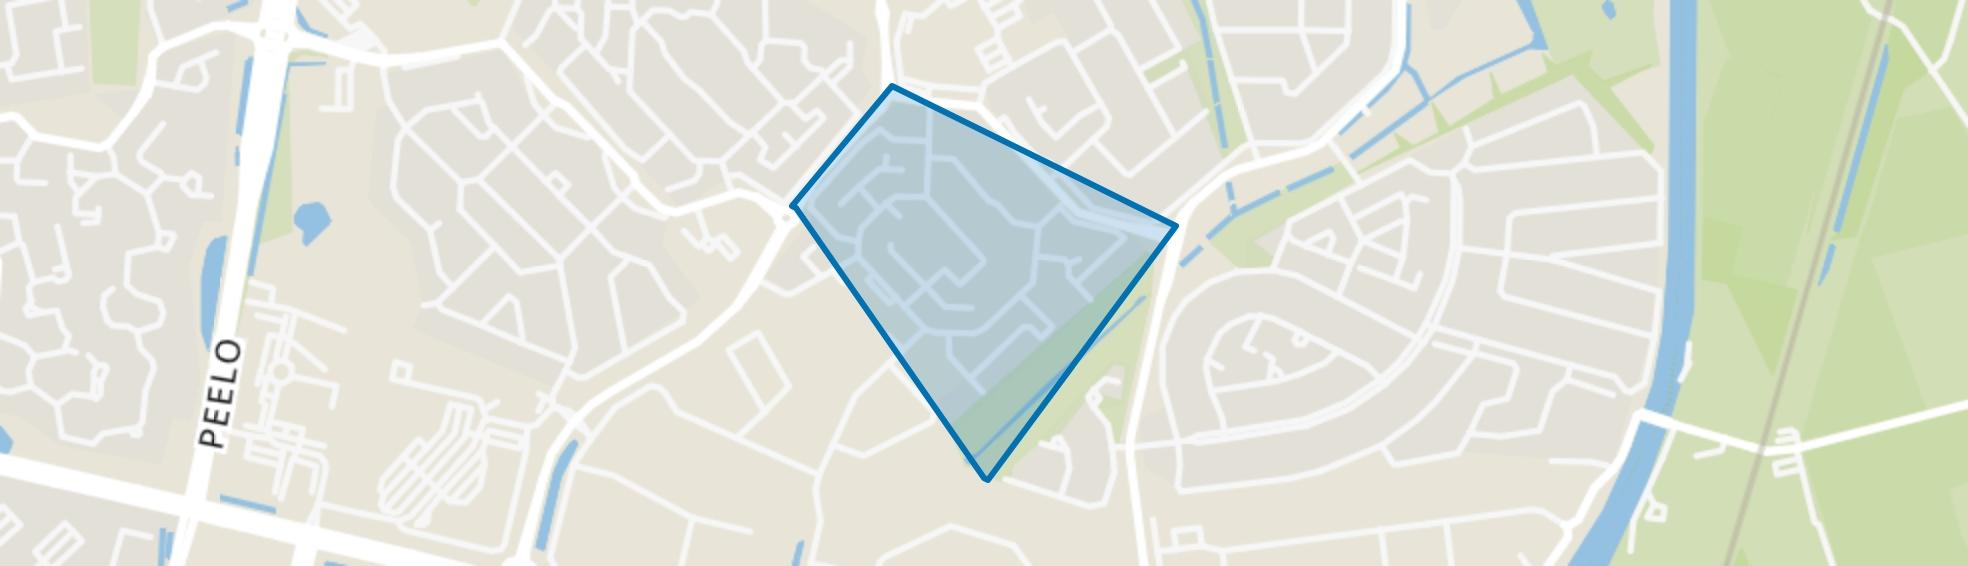 De Goorns, Assen map